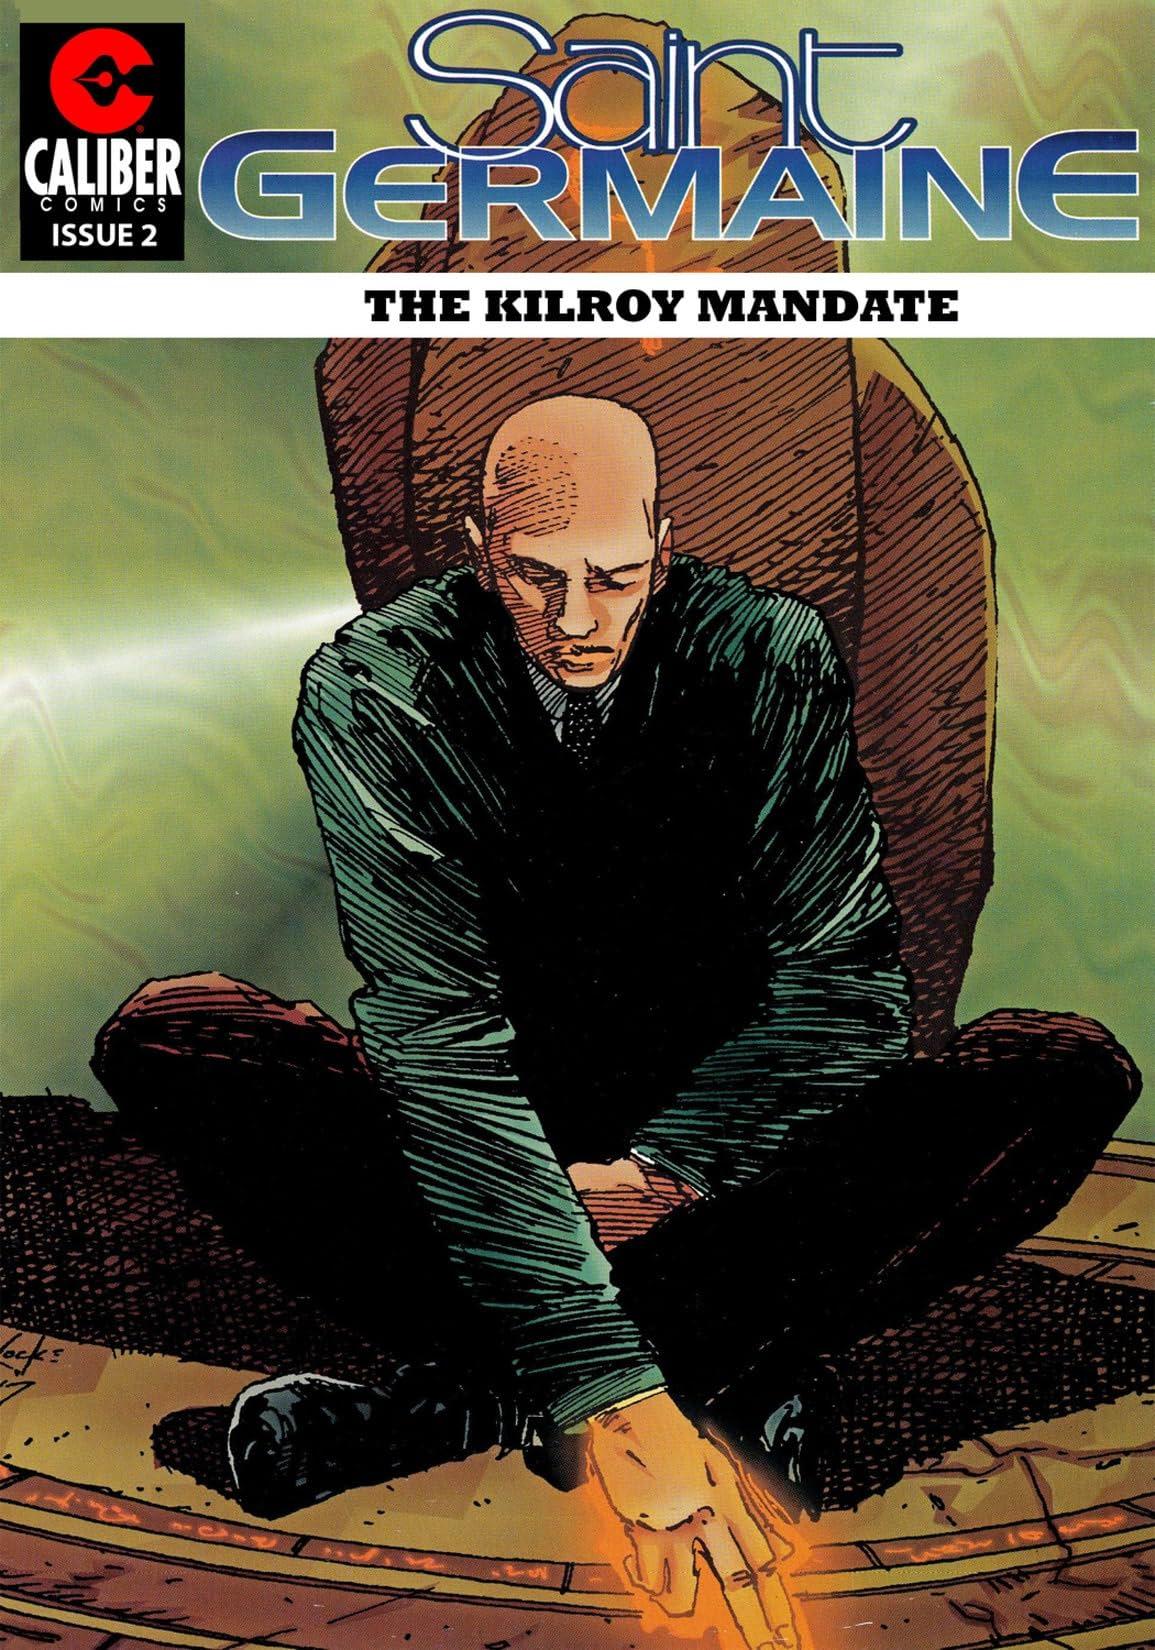 Saint Germaine: Kilroy Mandate #2